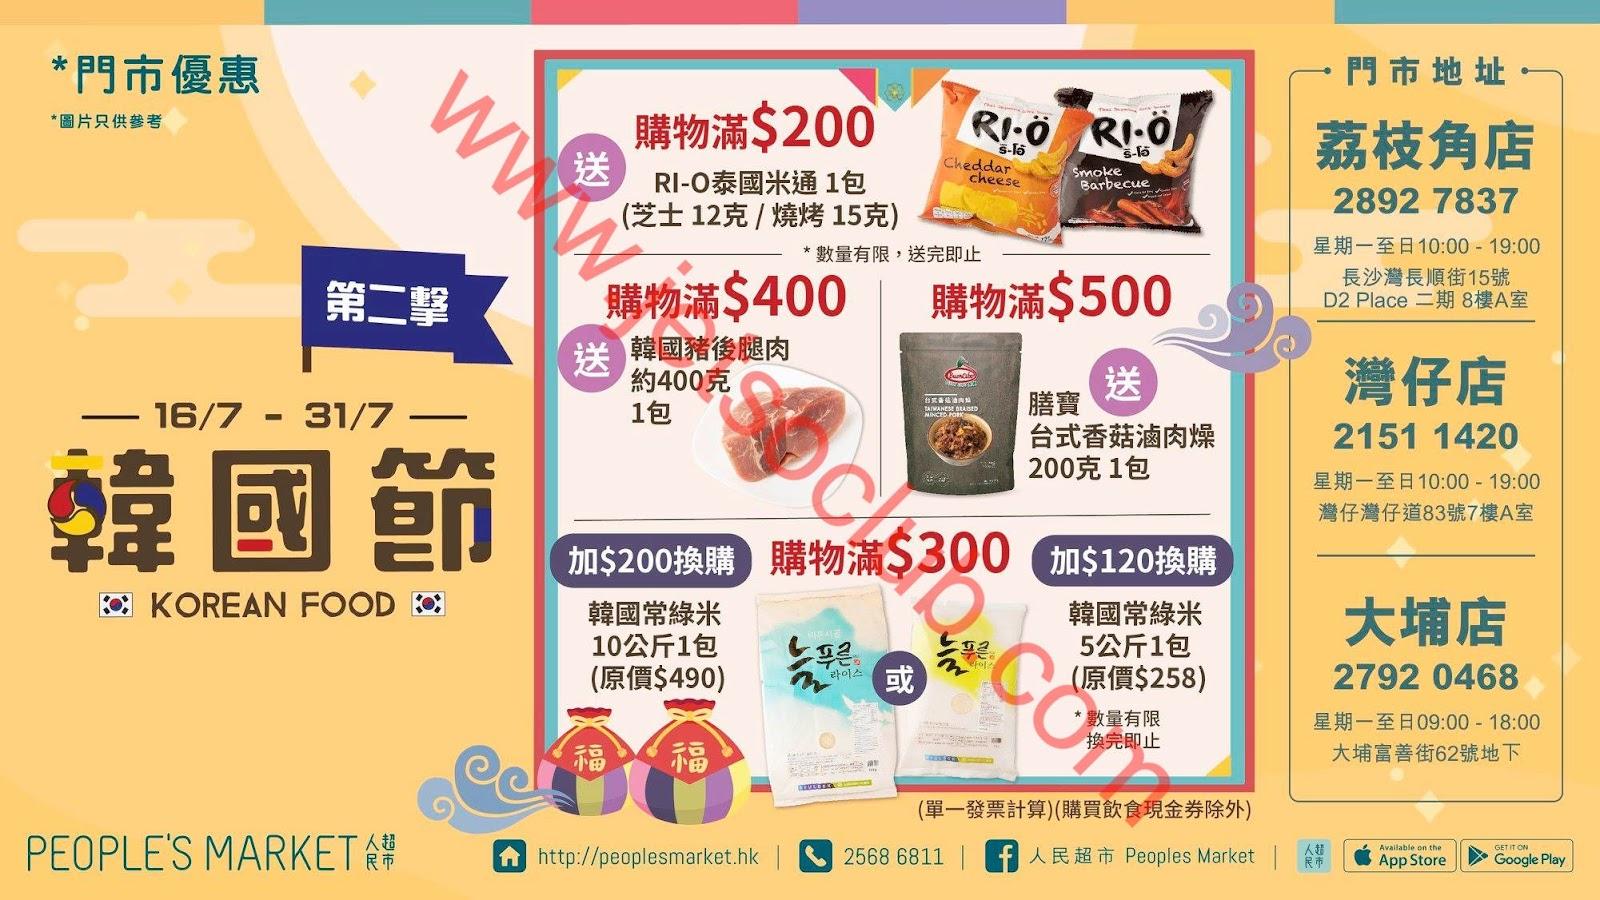 人民超市:韓國節 第二擊(16-31/7) ( Jetso Club 著數俱樂部 )